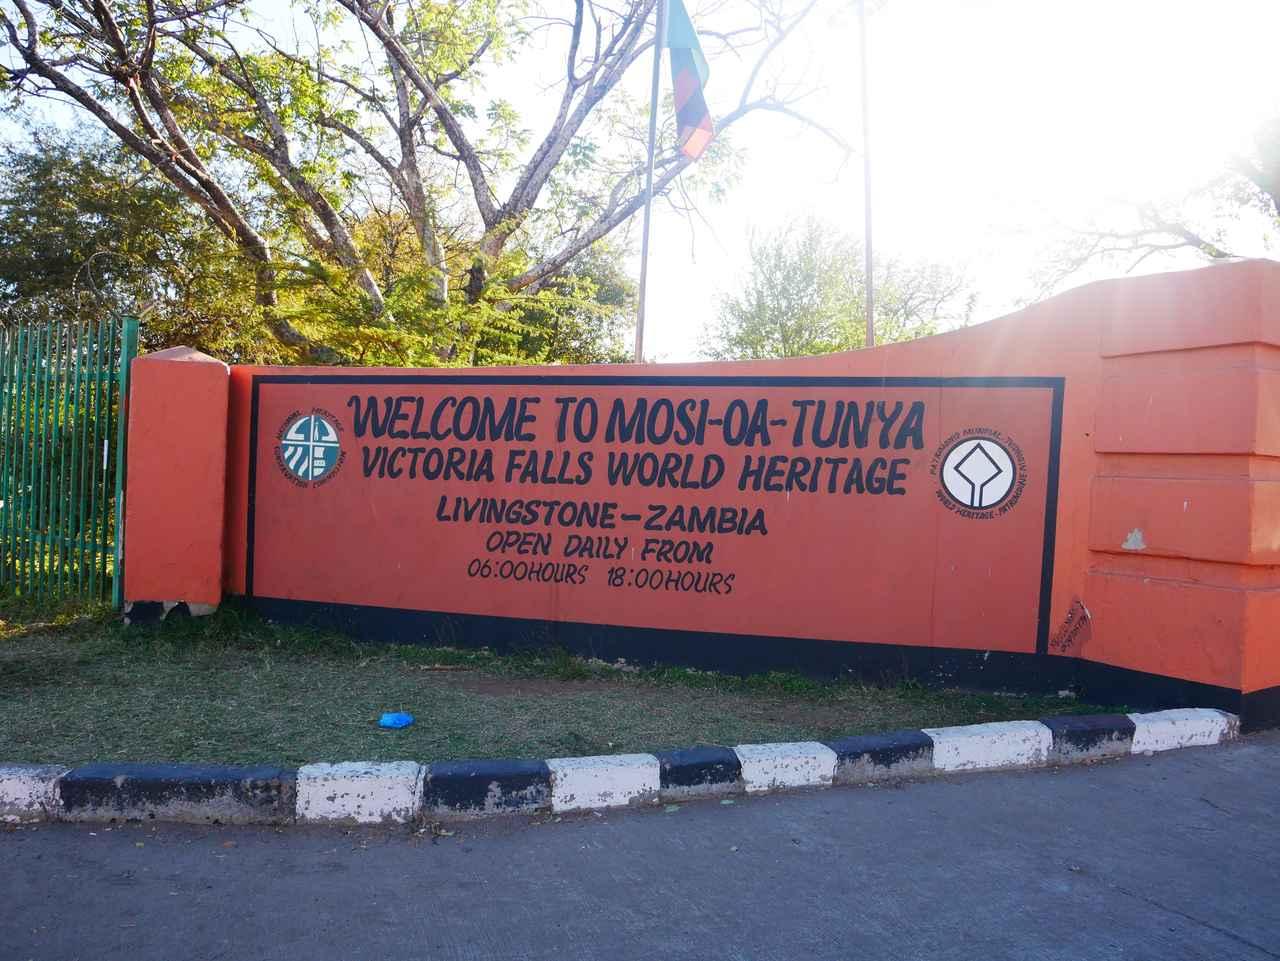 画像: 国境を超えるための手続きを終え、いざ隣国のザンビアへ!(2019年7月 担当者撮影)